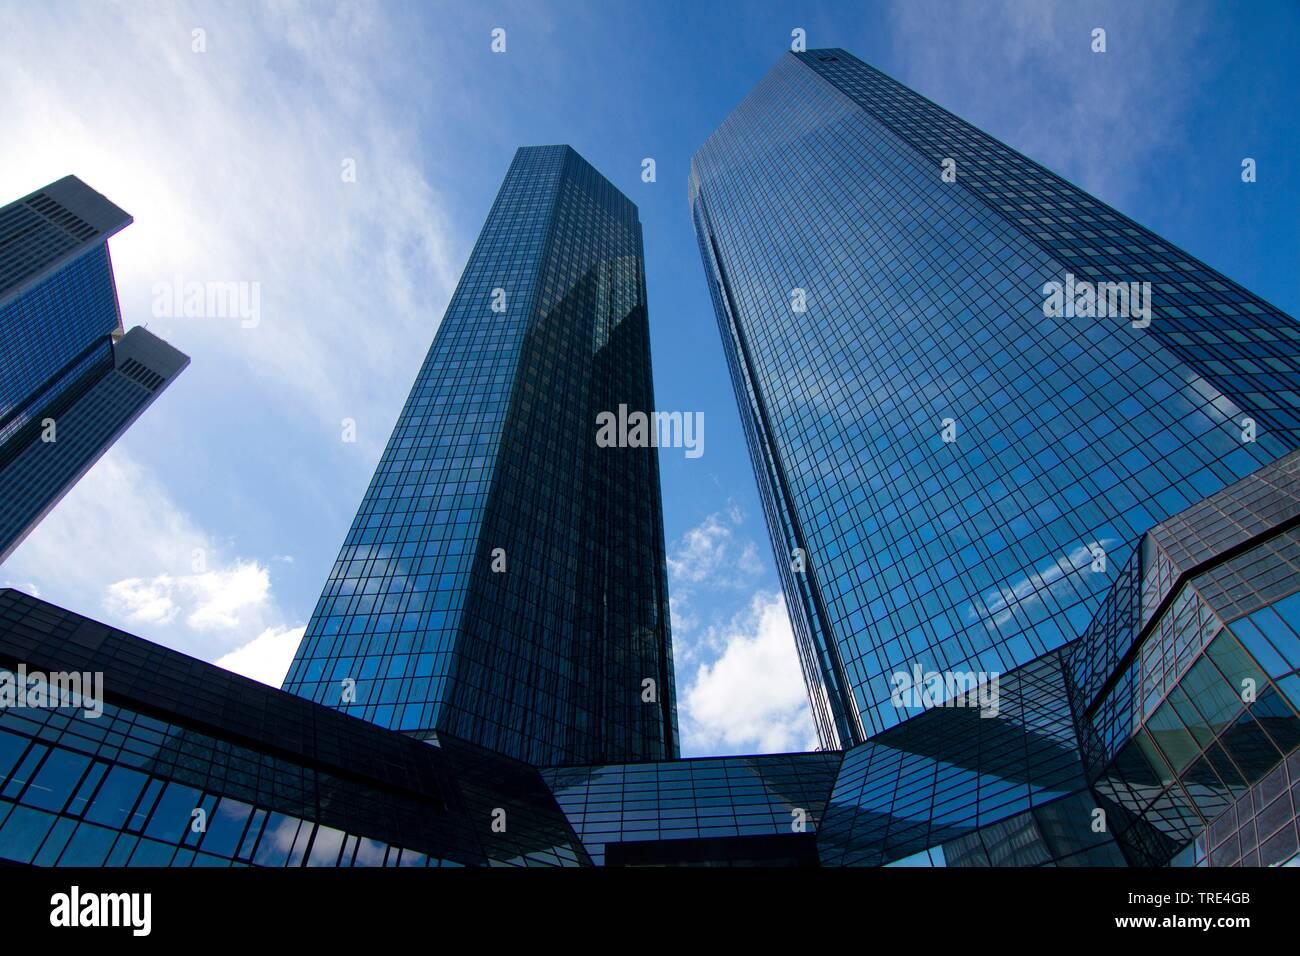 Zentrale der Deutschen Bank, Taunusanlage in Frankfurt am Main , Deutschland, Hessen | Headquater of the Deutsche Bank, Taunusanlage in Frankfurt am M - Stock Image